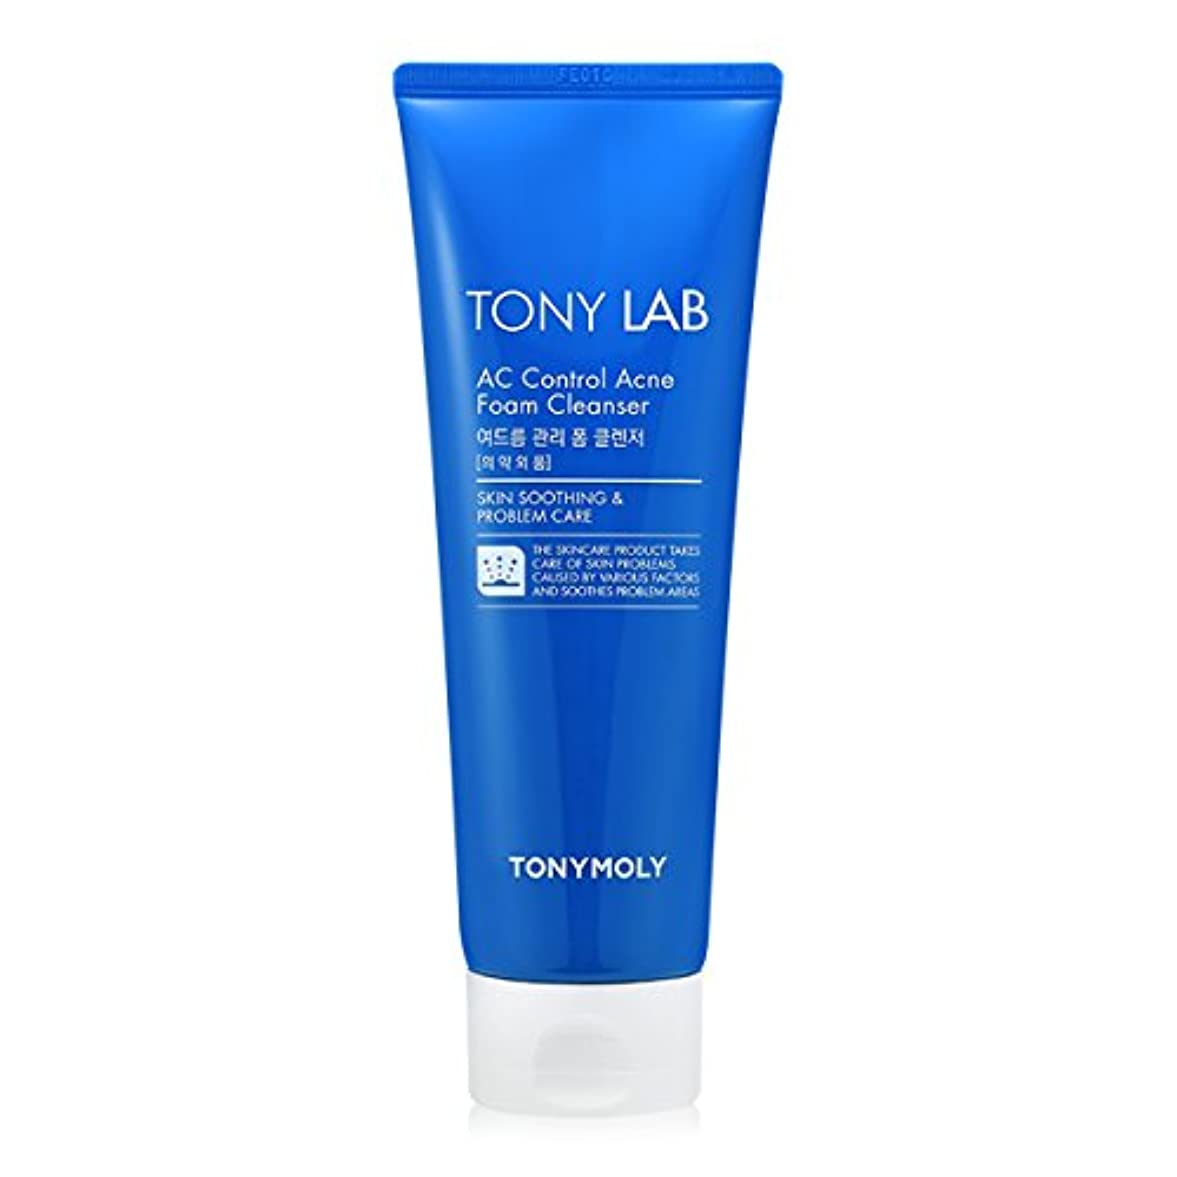 暫定打撃変更[New] TONYMOLY Tony Lab AC Control Acne Foam Cleanser 150ml/トニーモリー トニー ラボ AC コントロール アクネ フォーム クレンザー 150ml